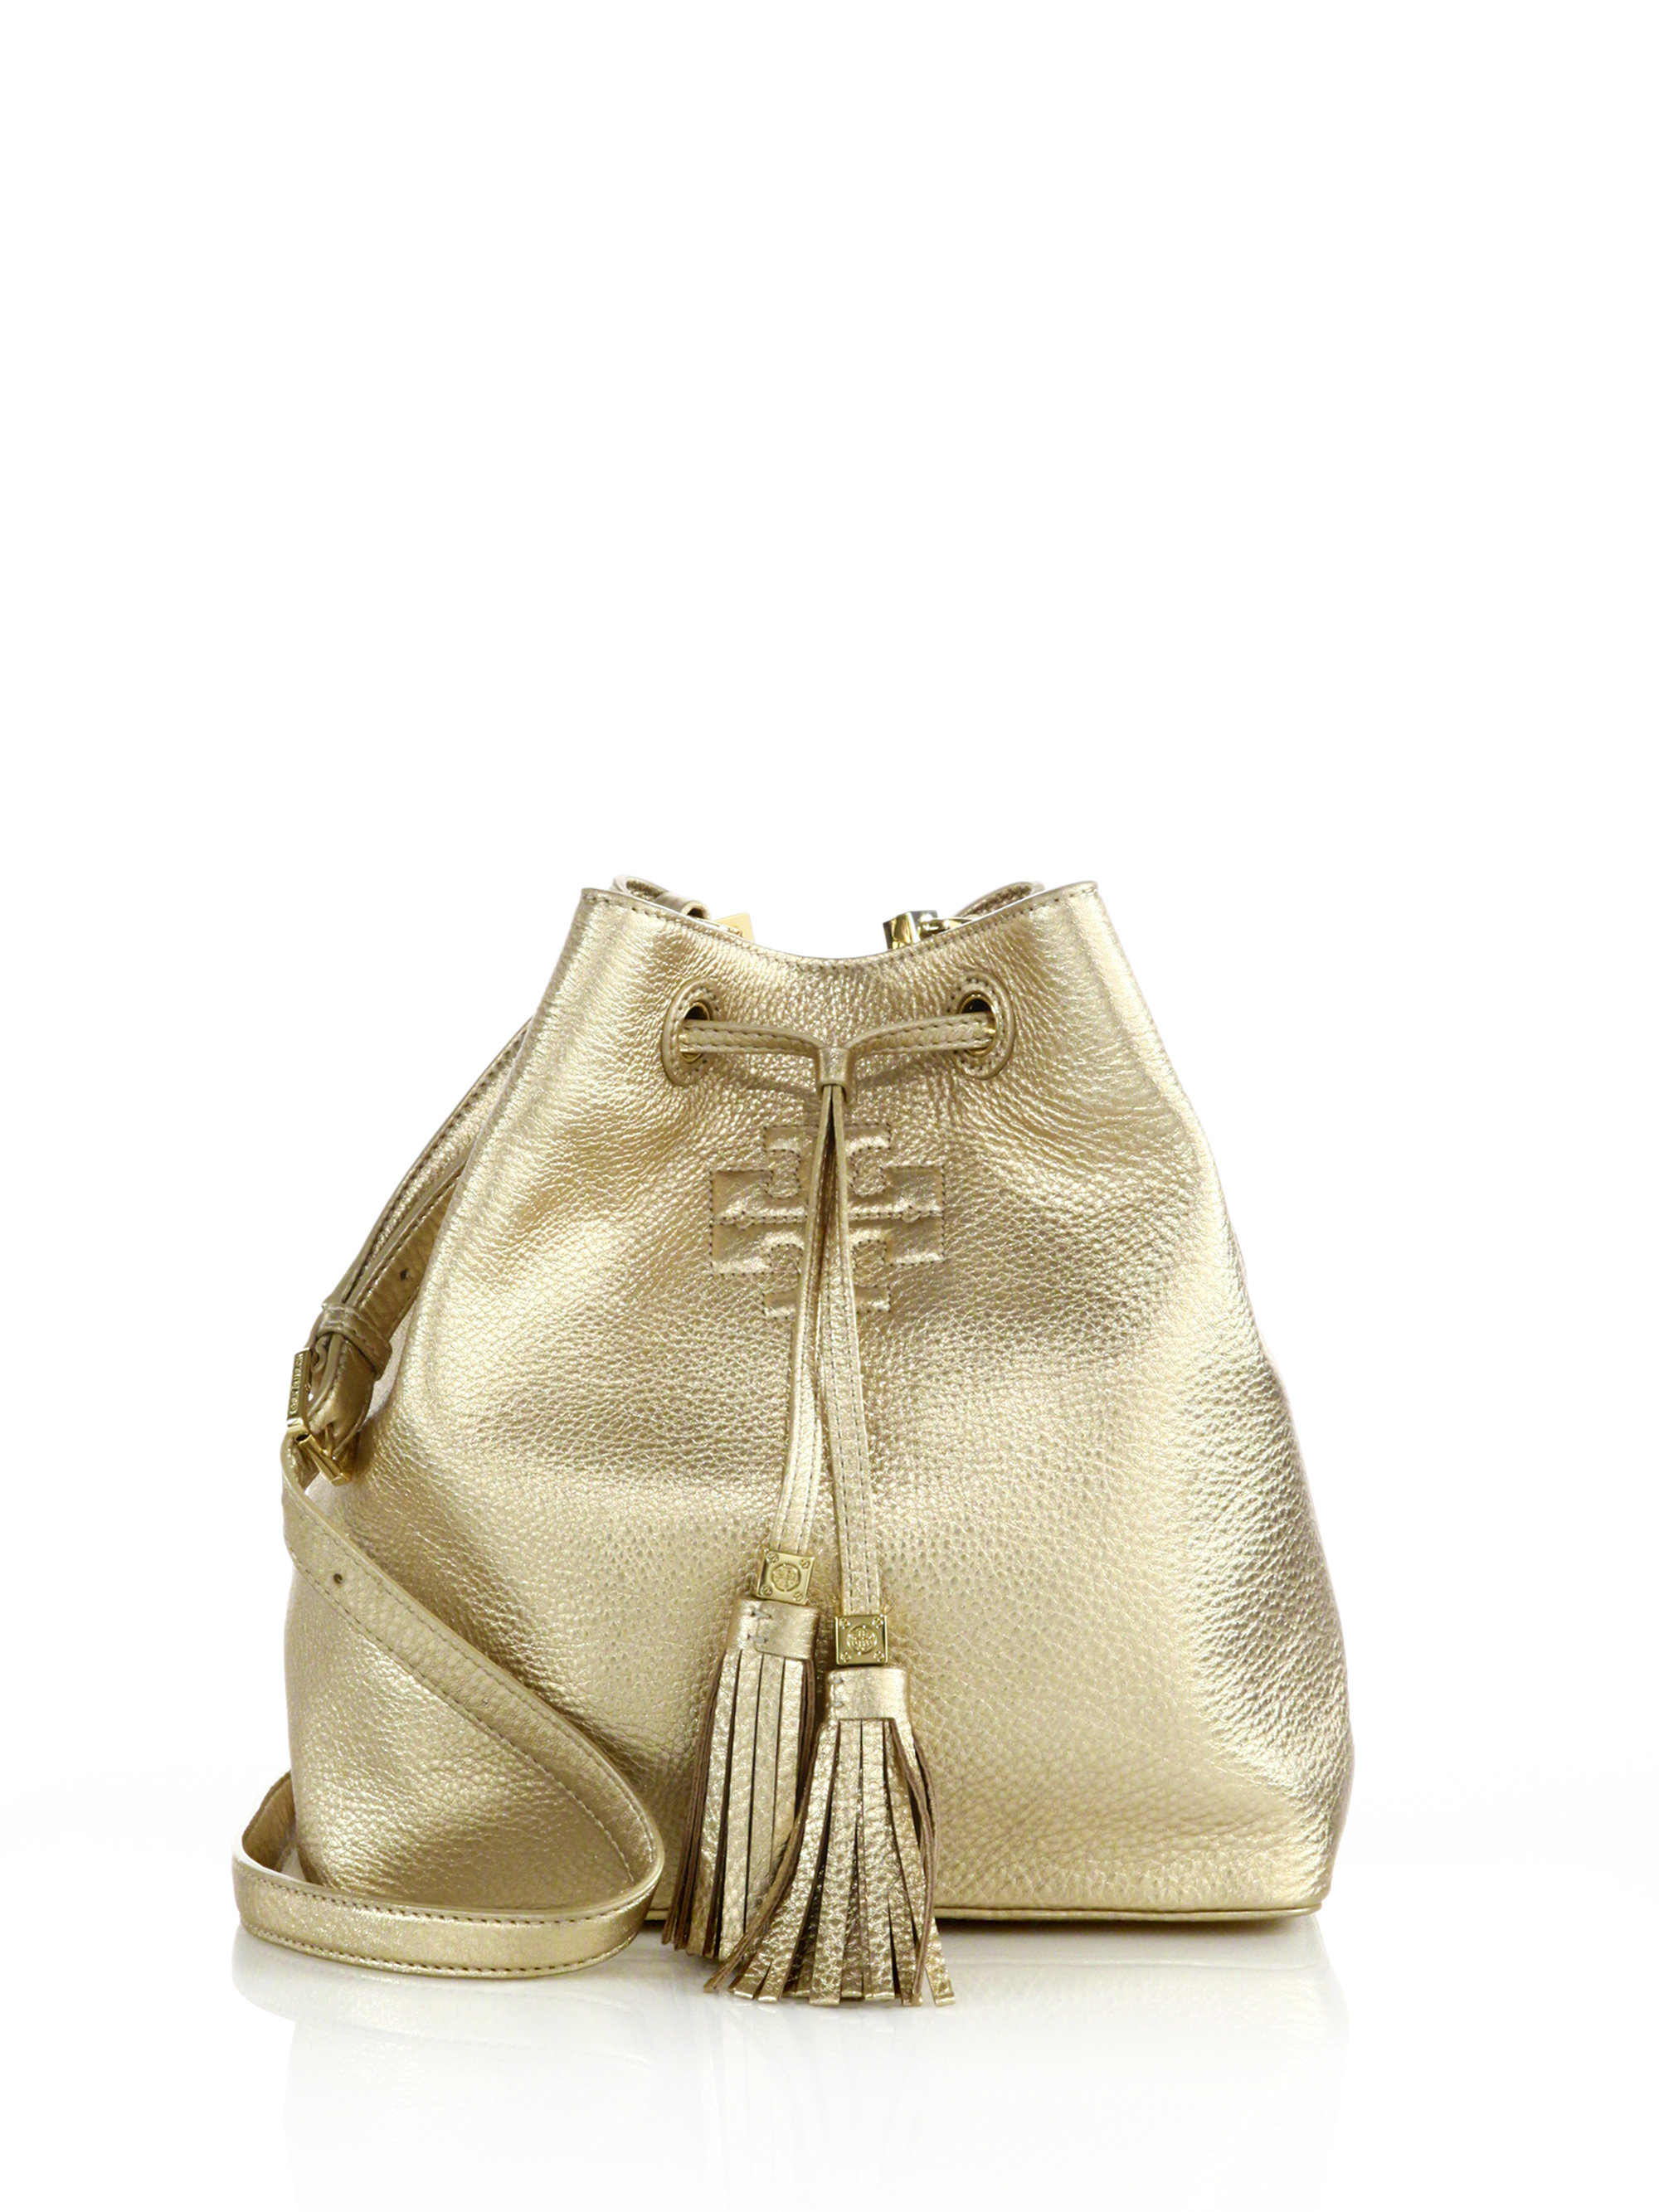 Tory Burch Thea Metallic Leather Bucket Bag In Metallic Lyst